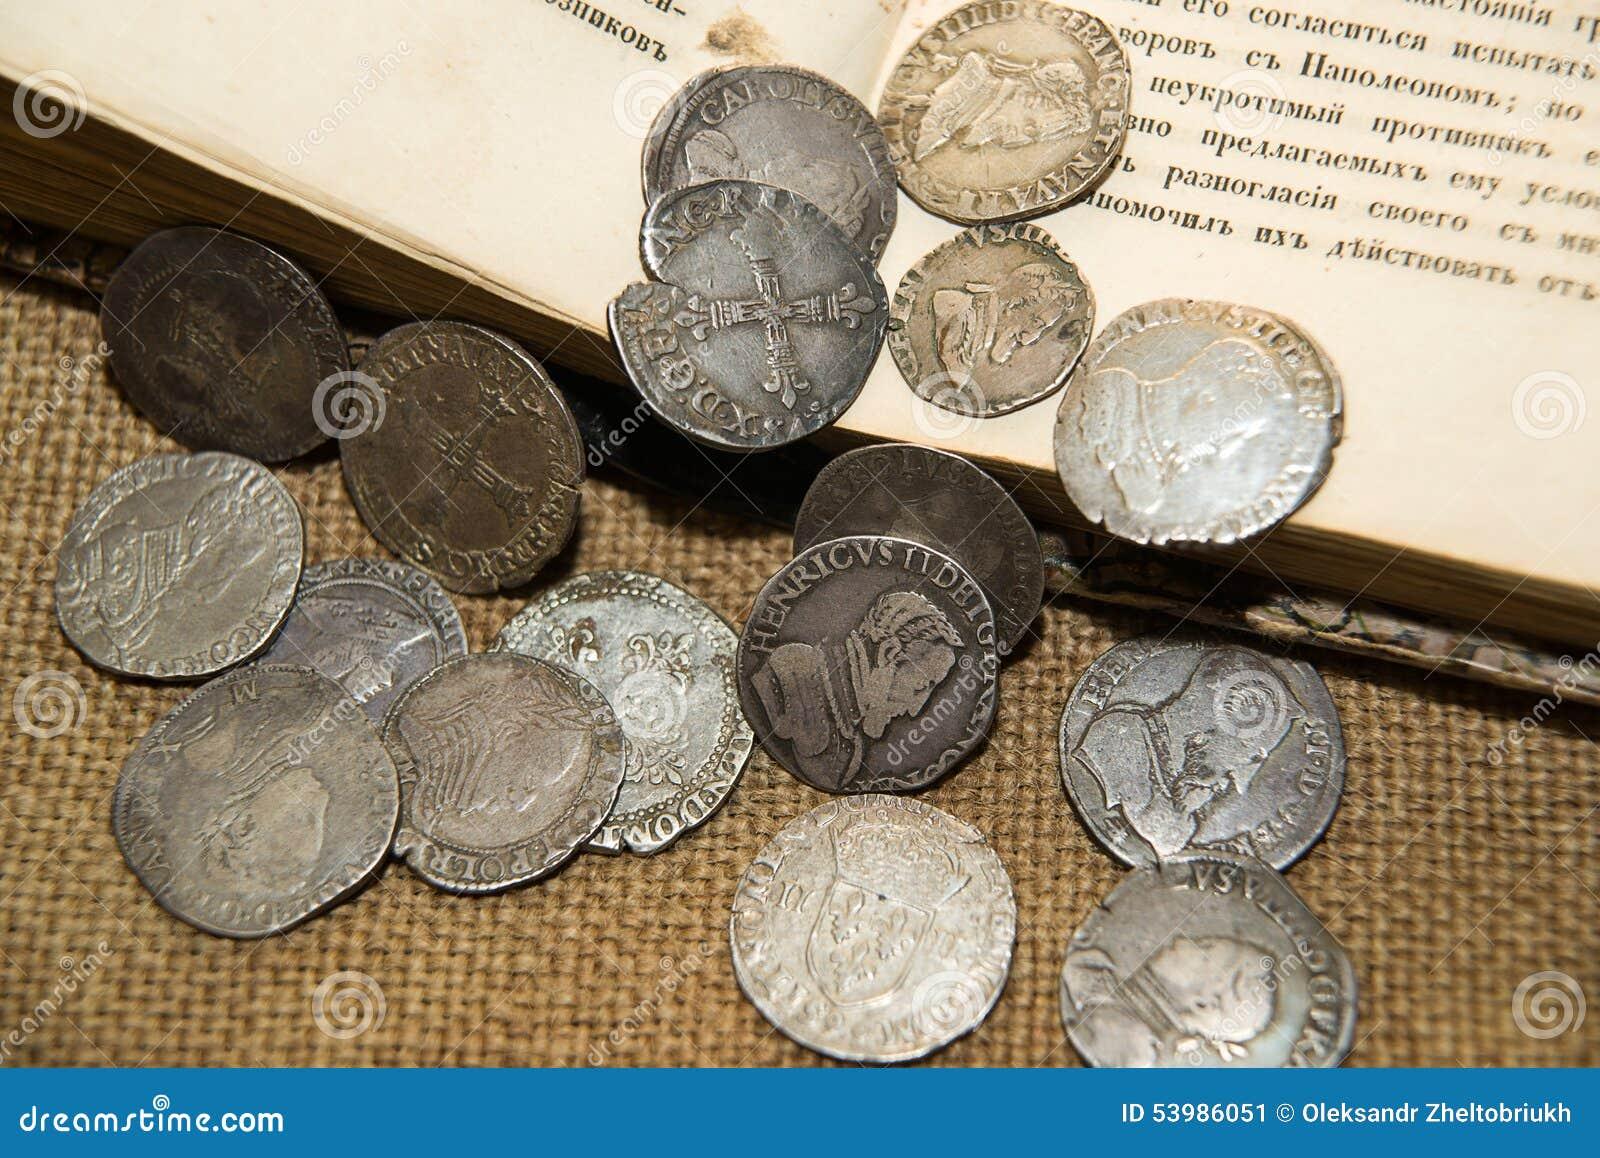 Alte Französische Silbermünzen Mit Porträts Von Königen Auf Dem